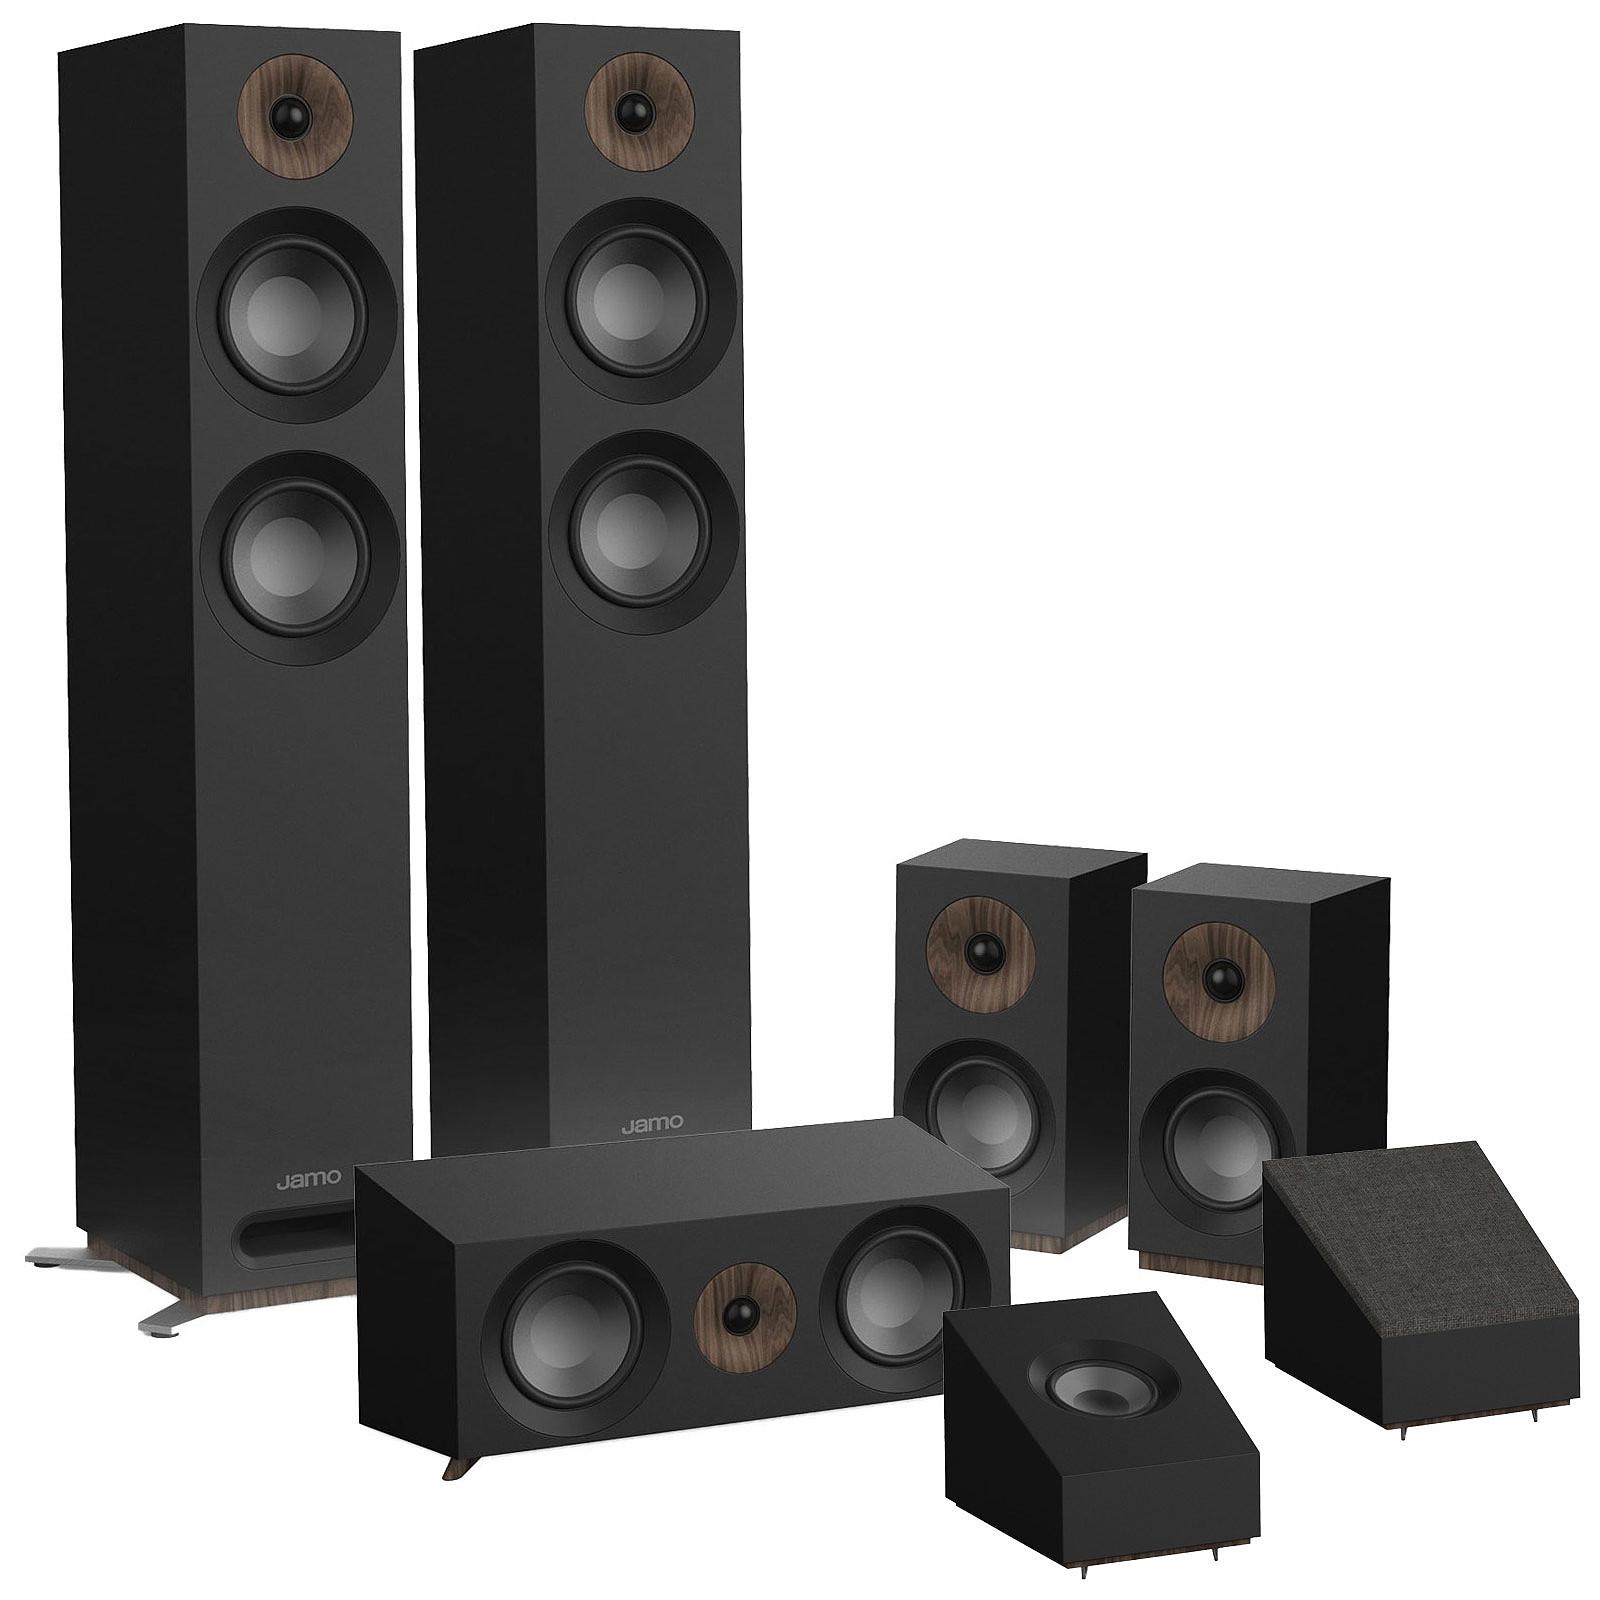 Pack d'enceintes Home Cinéma Jamo S807HCS 5.0.2BL + Enceintes Dolby Atmos S8ATM